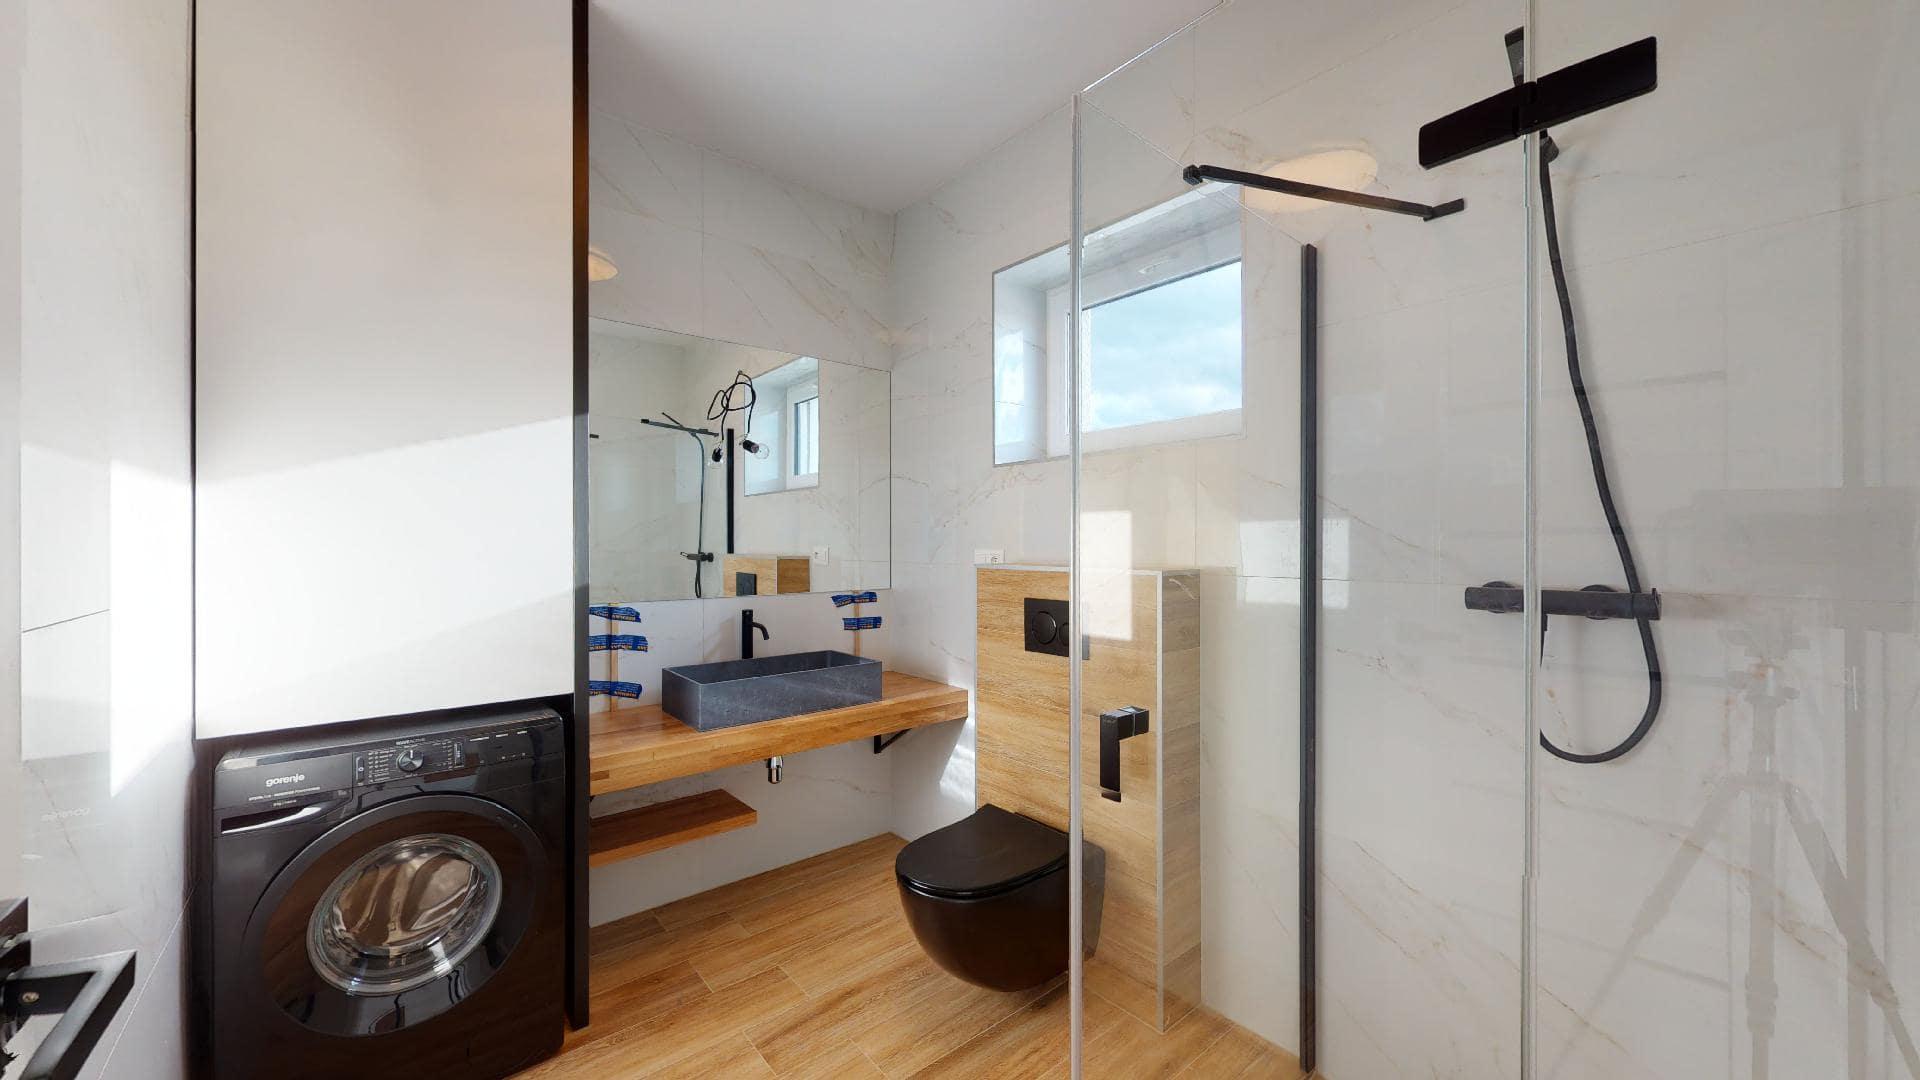 Rekreačné domy - interiér - kúpelňa | Oáza pokoja